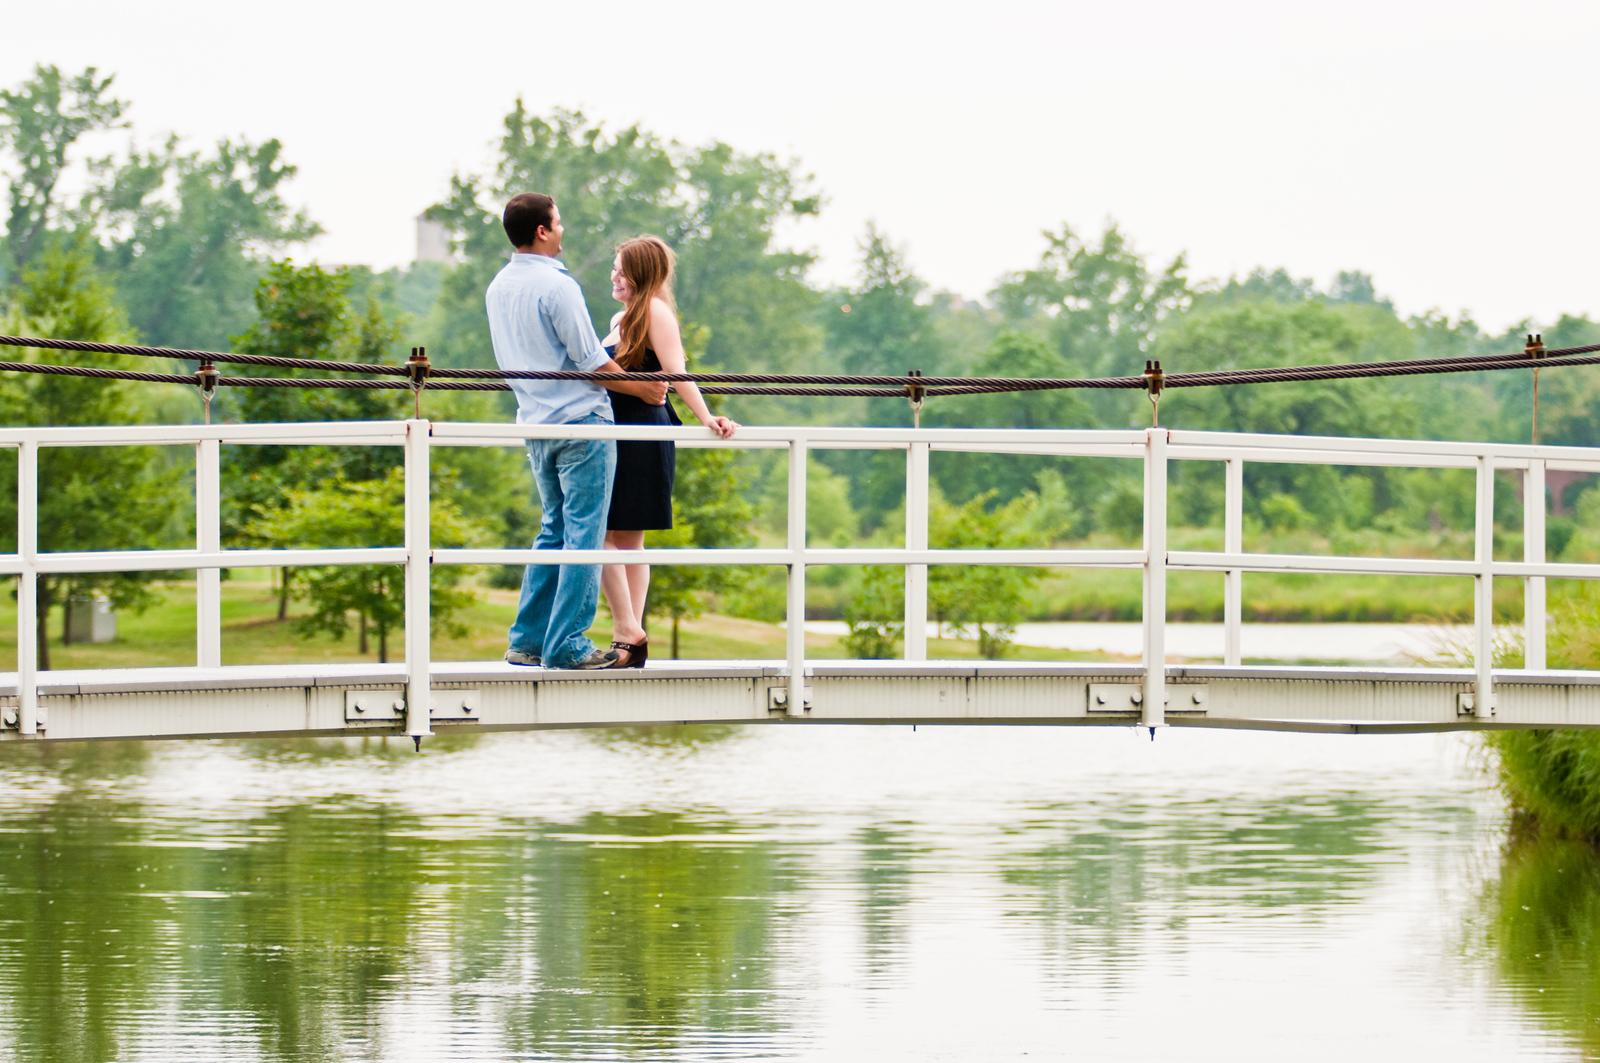 Austin Walker and Becky Black enjoying time together at Forest Park